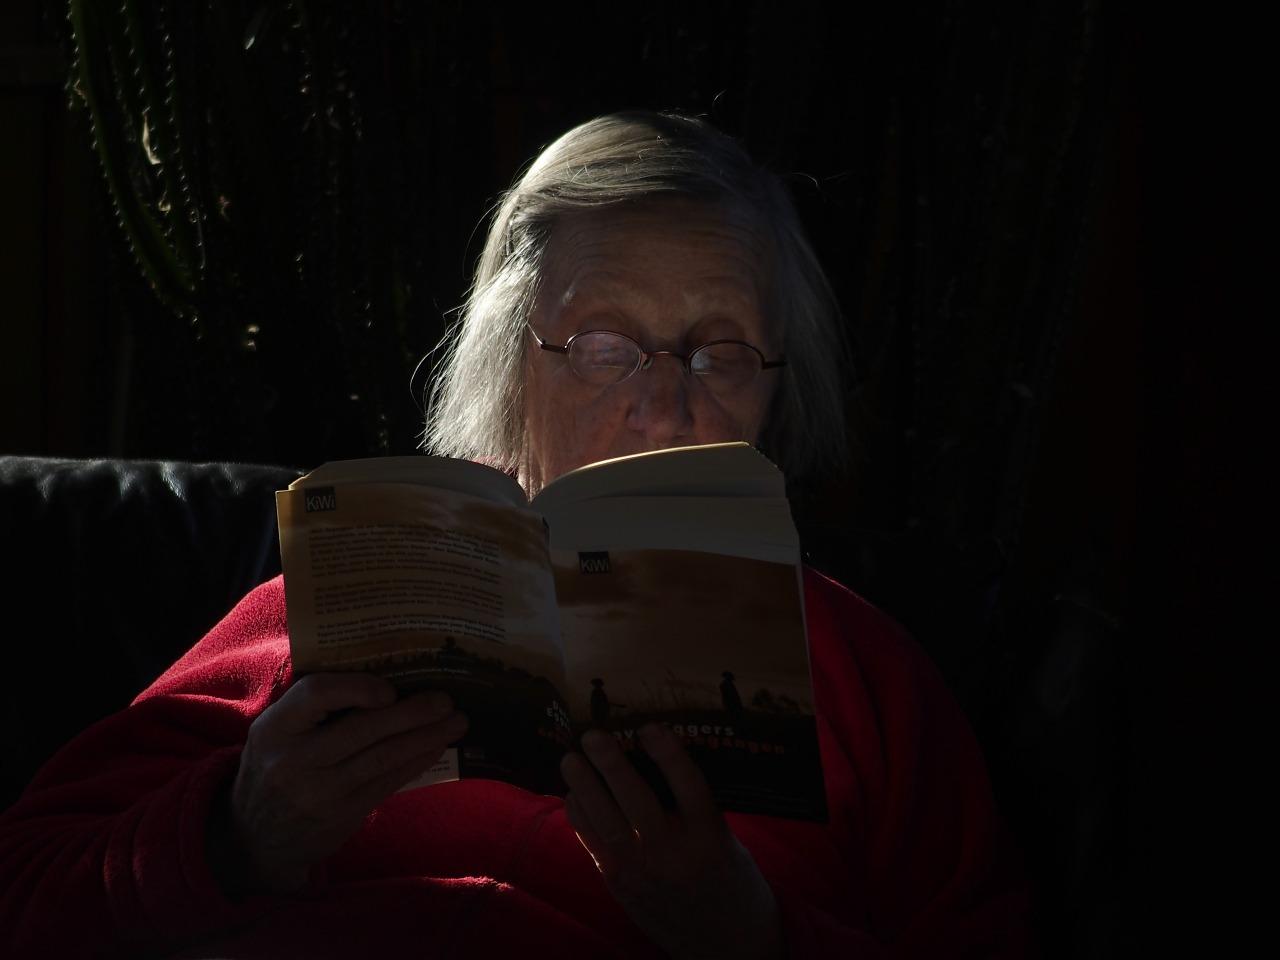 Lesehilfen sind für Senioren im Alter oft unausweichlich